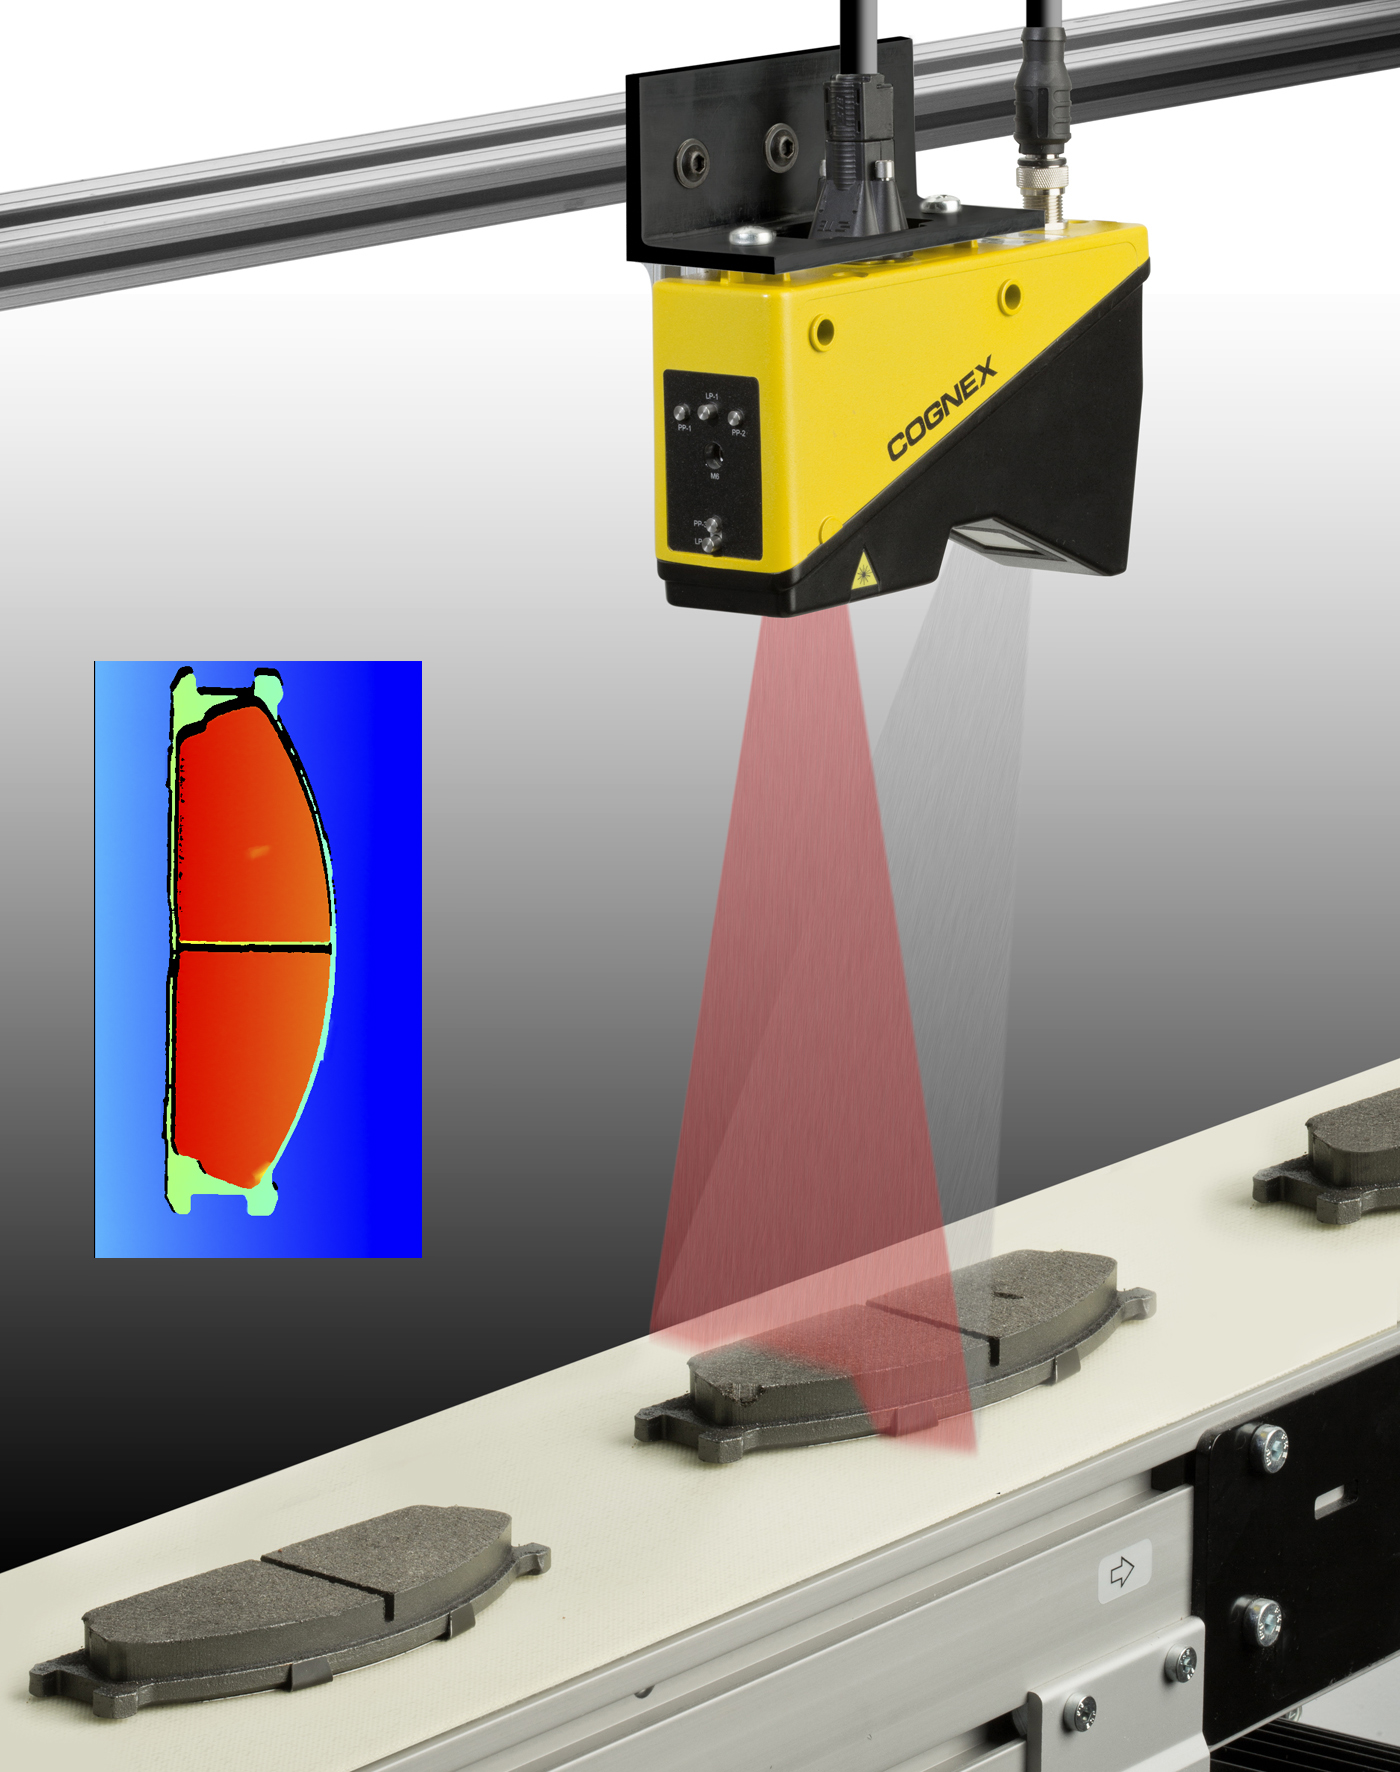 DS1000 laser profiler scanning moving brake pads for 3D dimension data